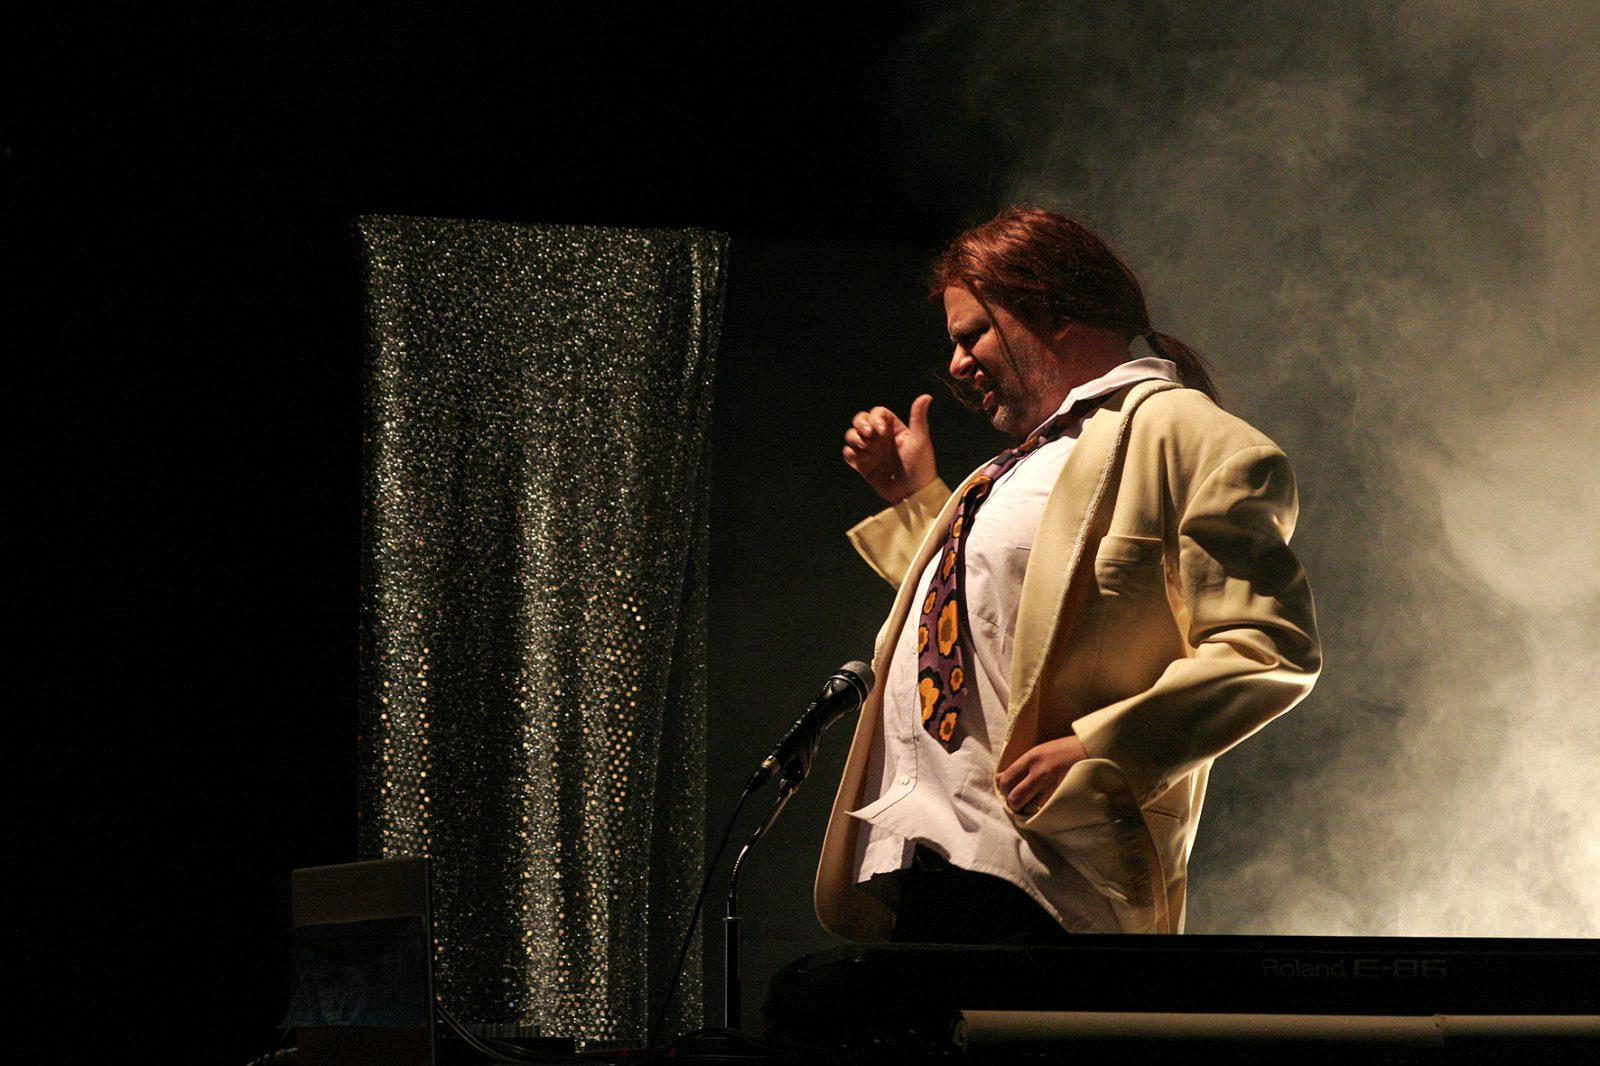 ein Musiker mit Mikrofon tanzt